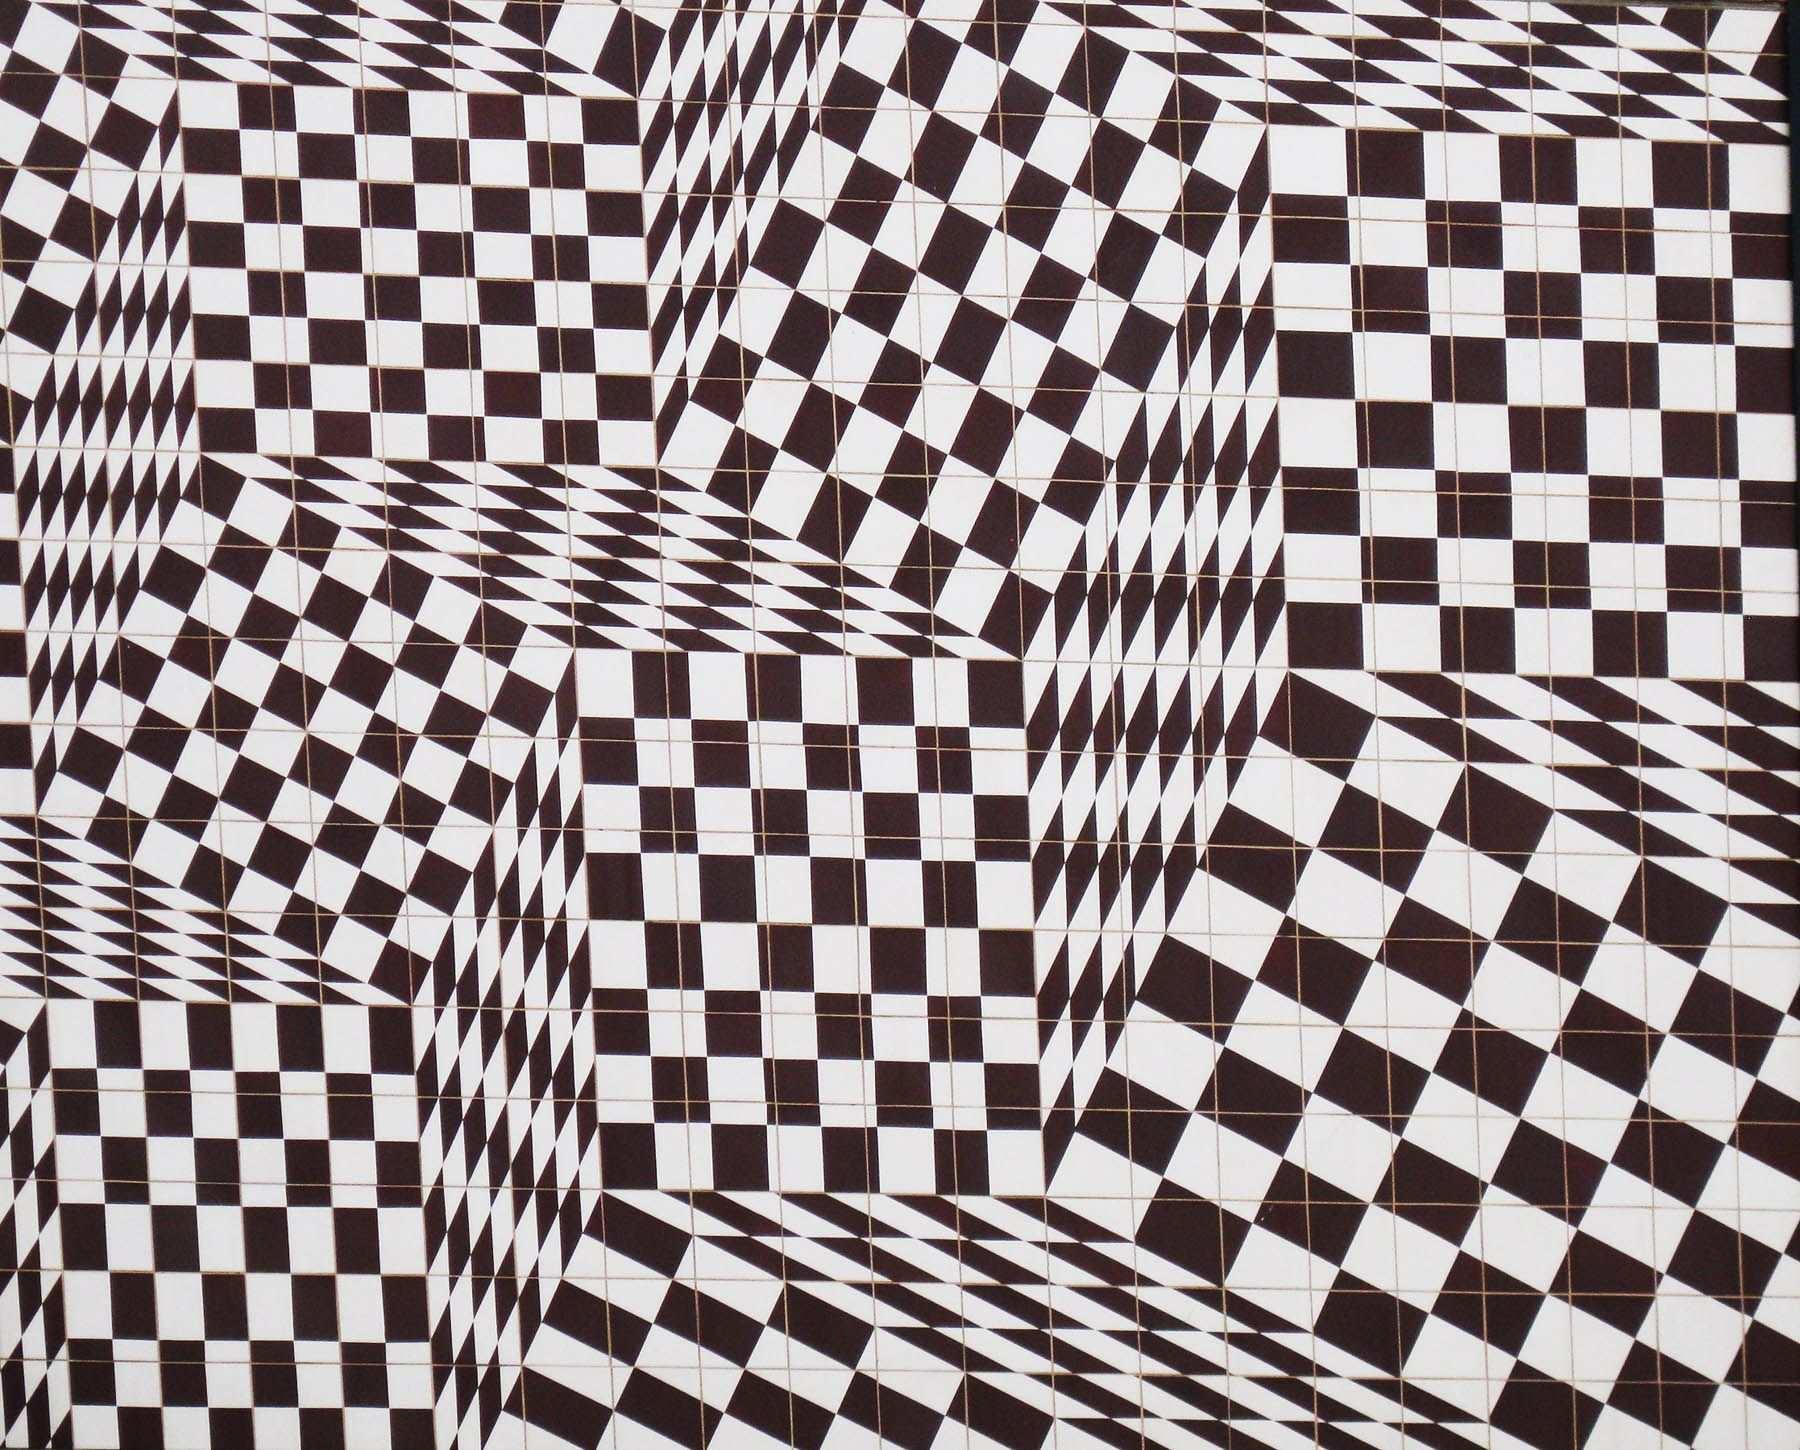 The Art House Drury Lane Wakefield West Yorkshire Optische Tauschung Optische Illusionen Optische Tauschungen Zeichnen